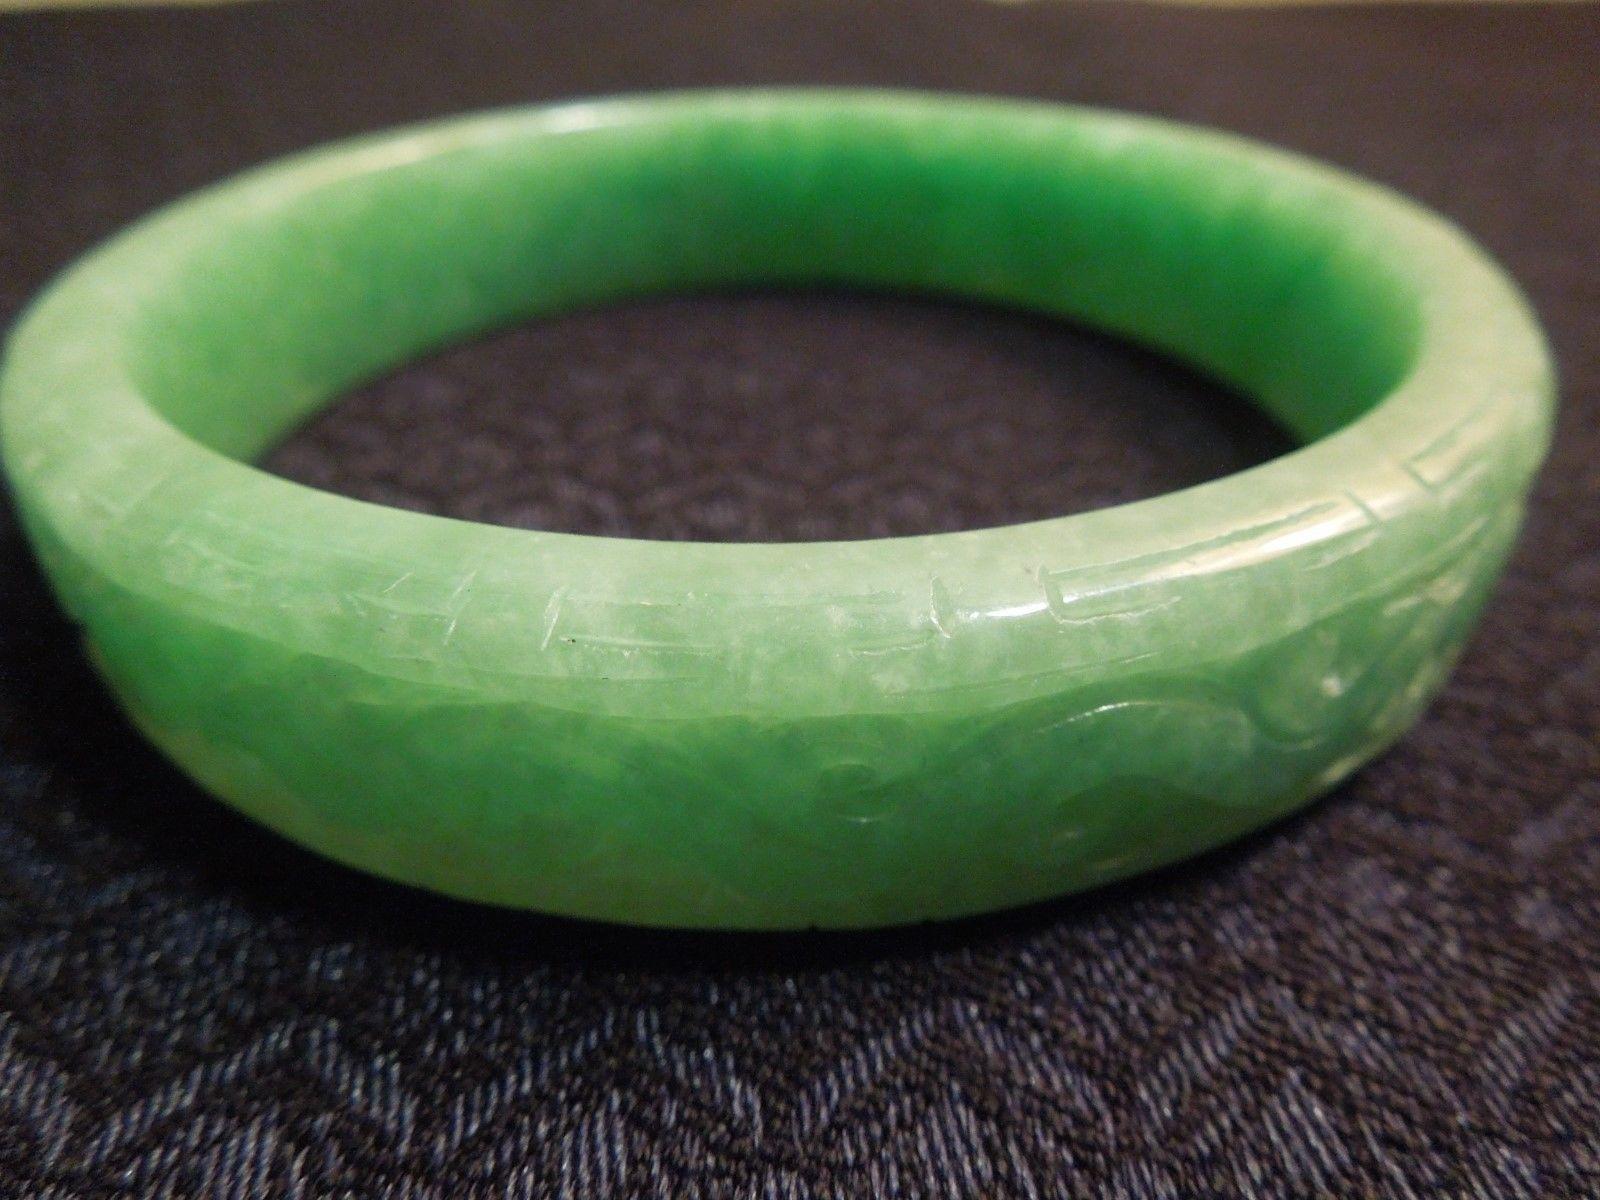 Vintage Chinese Green Jade Filigree Wave Carved Sculpted Bangle Bracelet, 63g